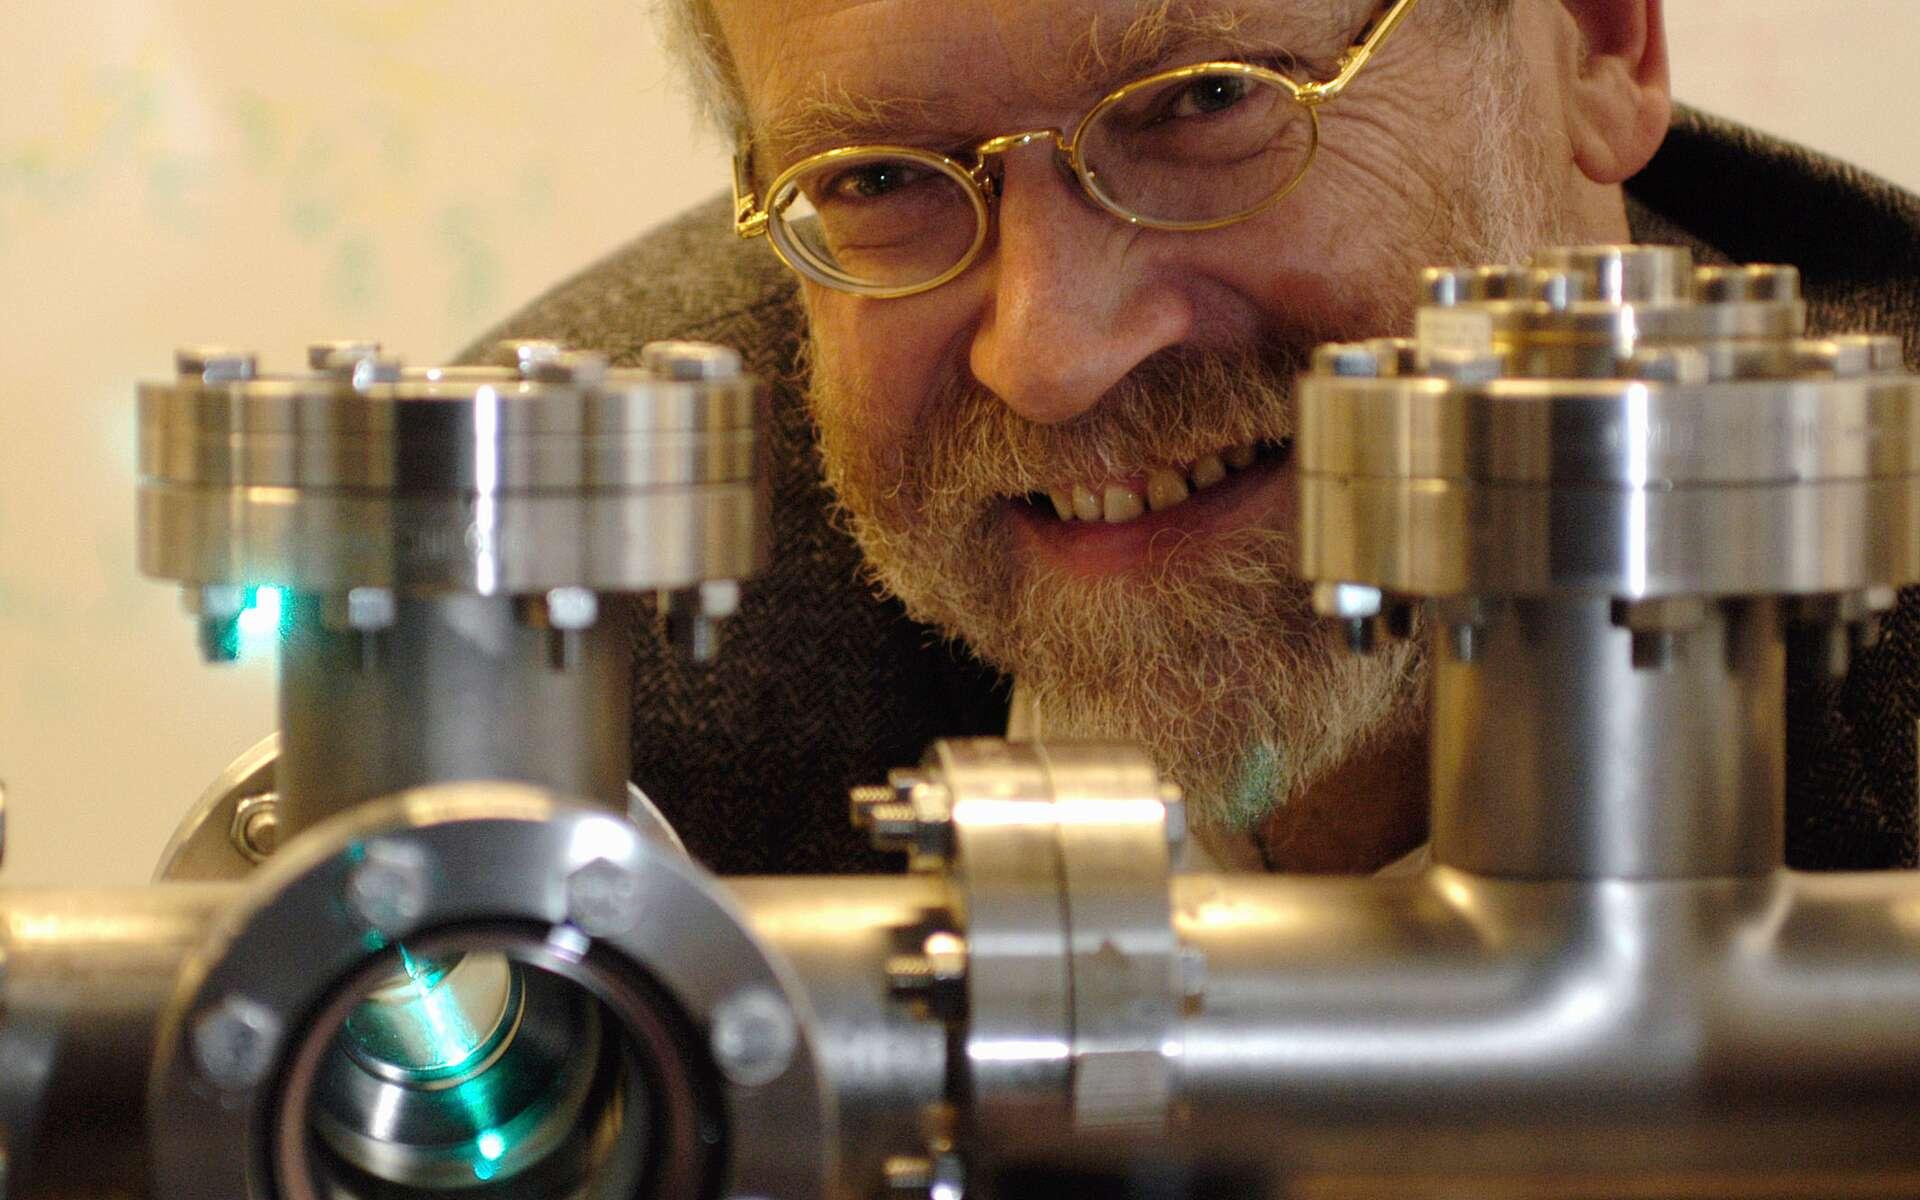 Le physicien Anton Zeilinger a observé des corrélations entre passé et futur, inexplicables en physique classique. © Jaqueline Godany